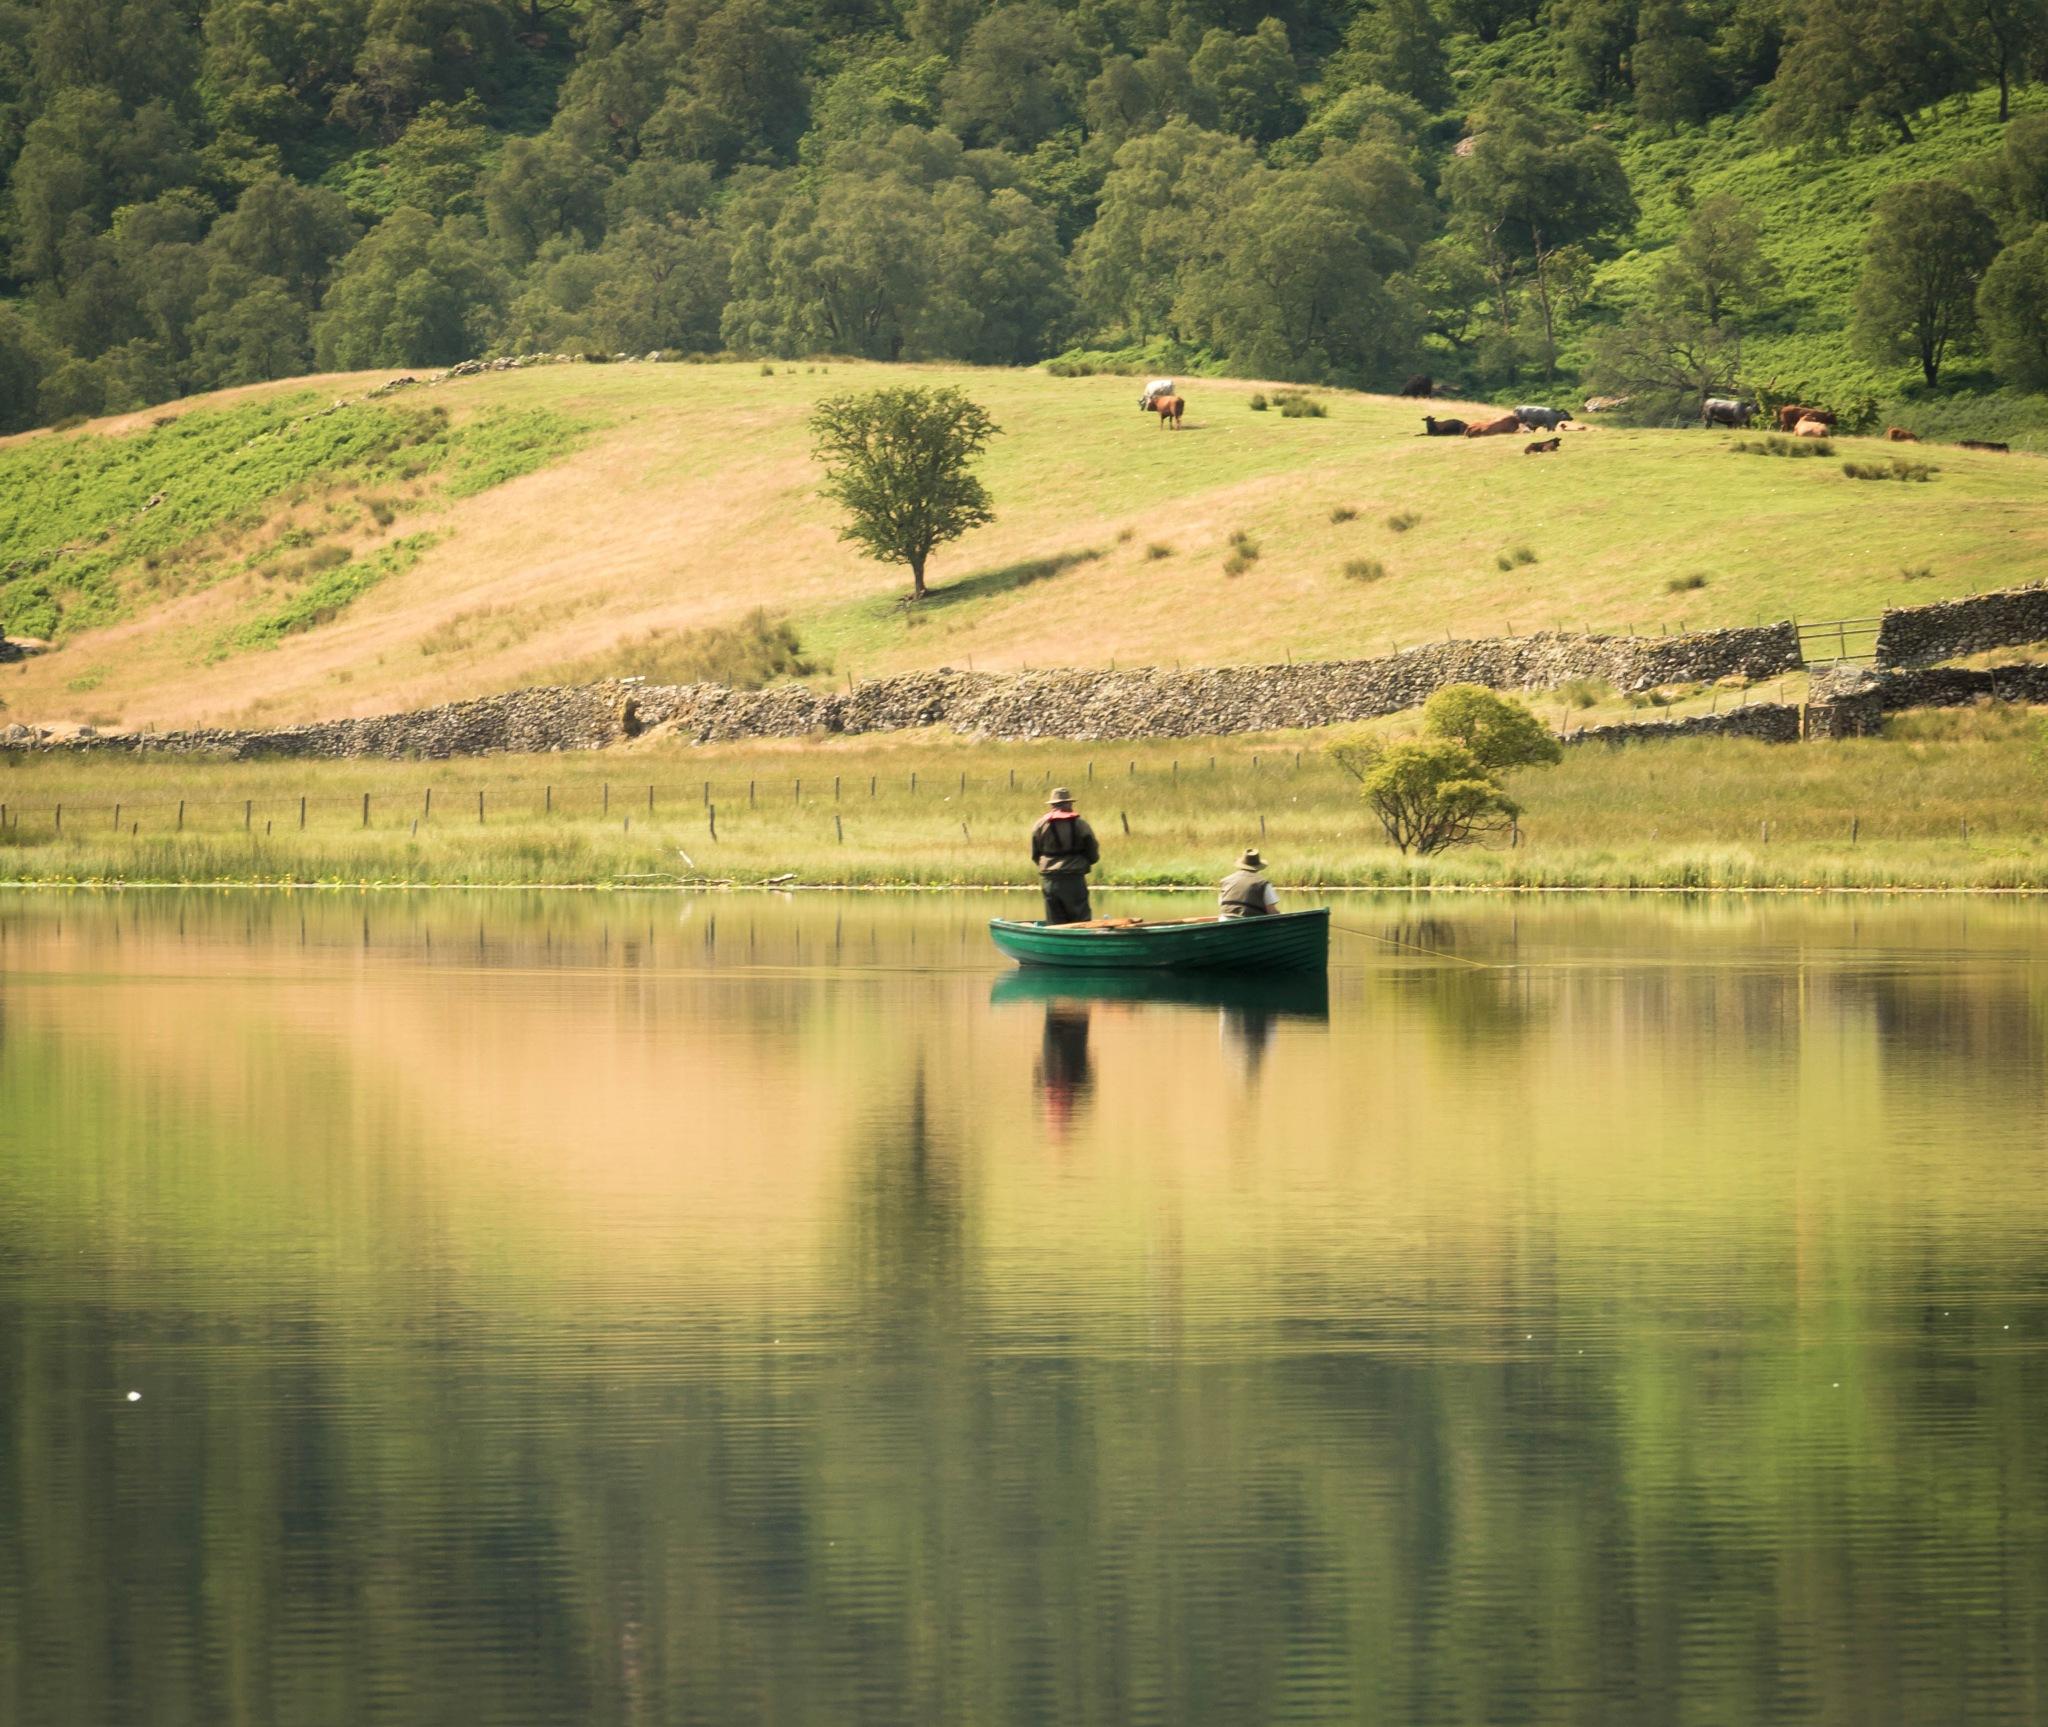 Two men in a boat by debra godwin